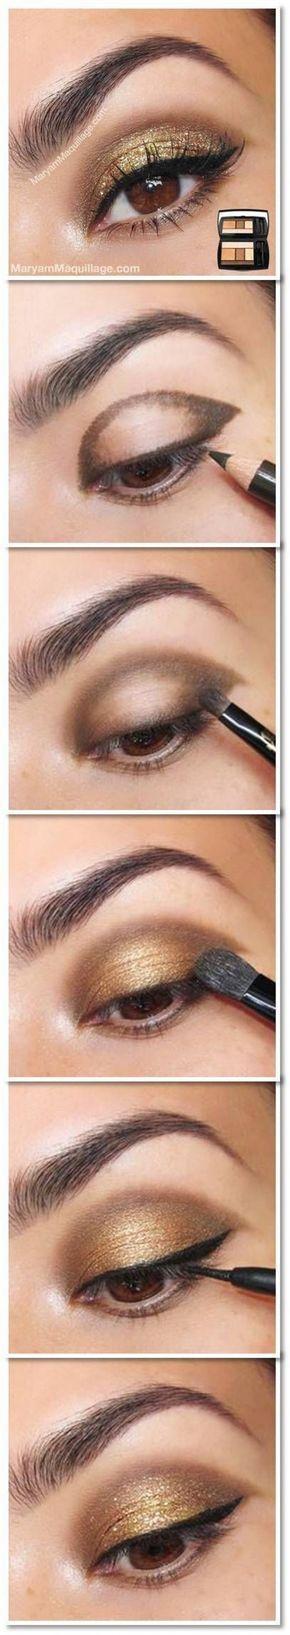 Mooie oogmake-up met bruine en goudkleurige oogschaduw. Door Moon4